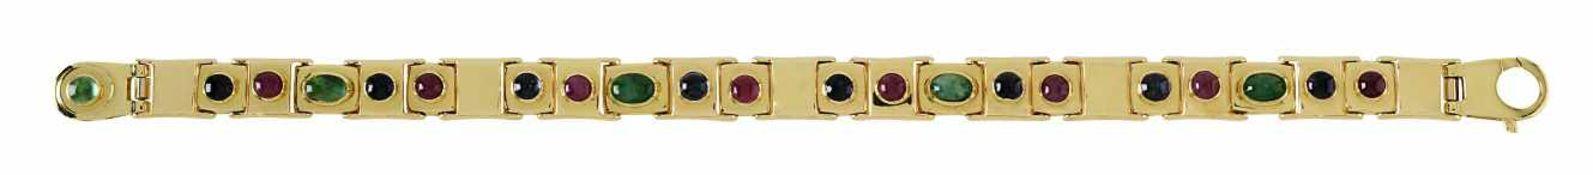 Armband18 K GG, Marken (750). Umlaufend quadratische Glieder, besetzt mit fünf Smaragden in rundem